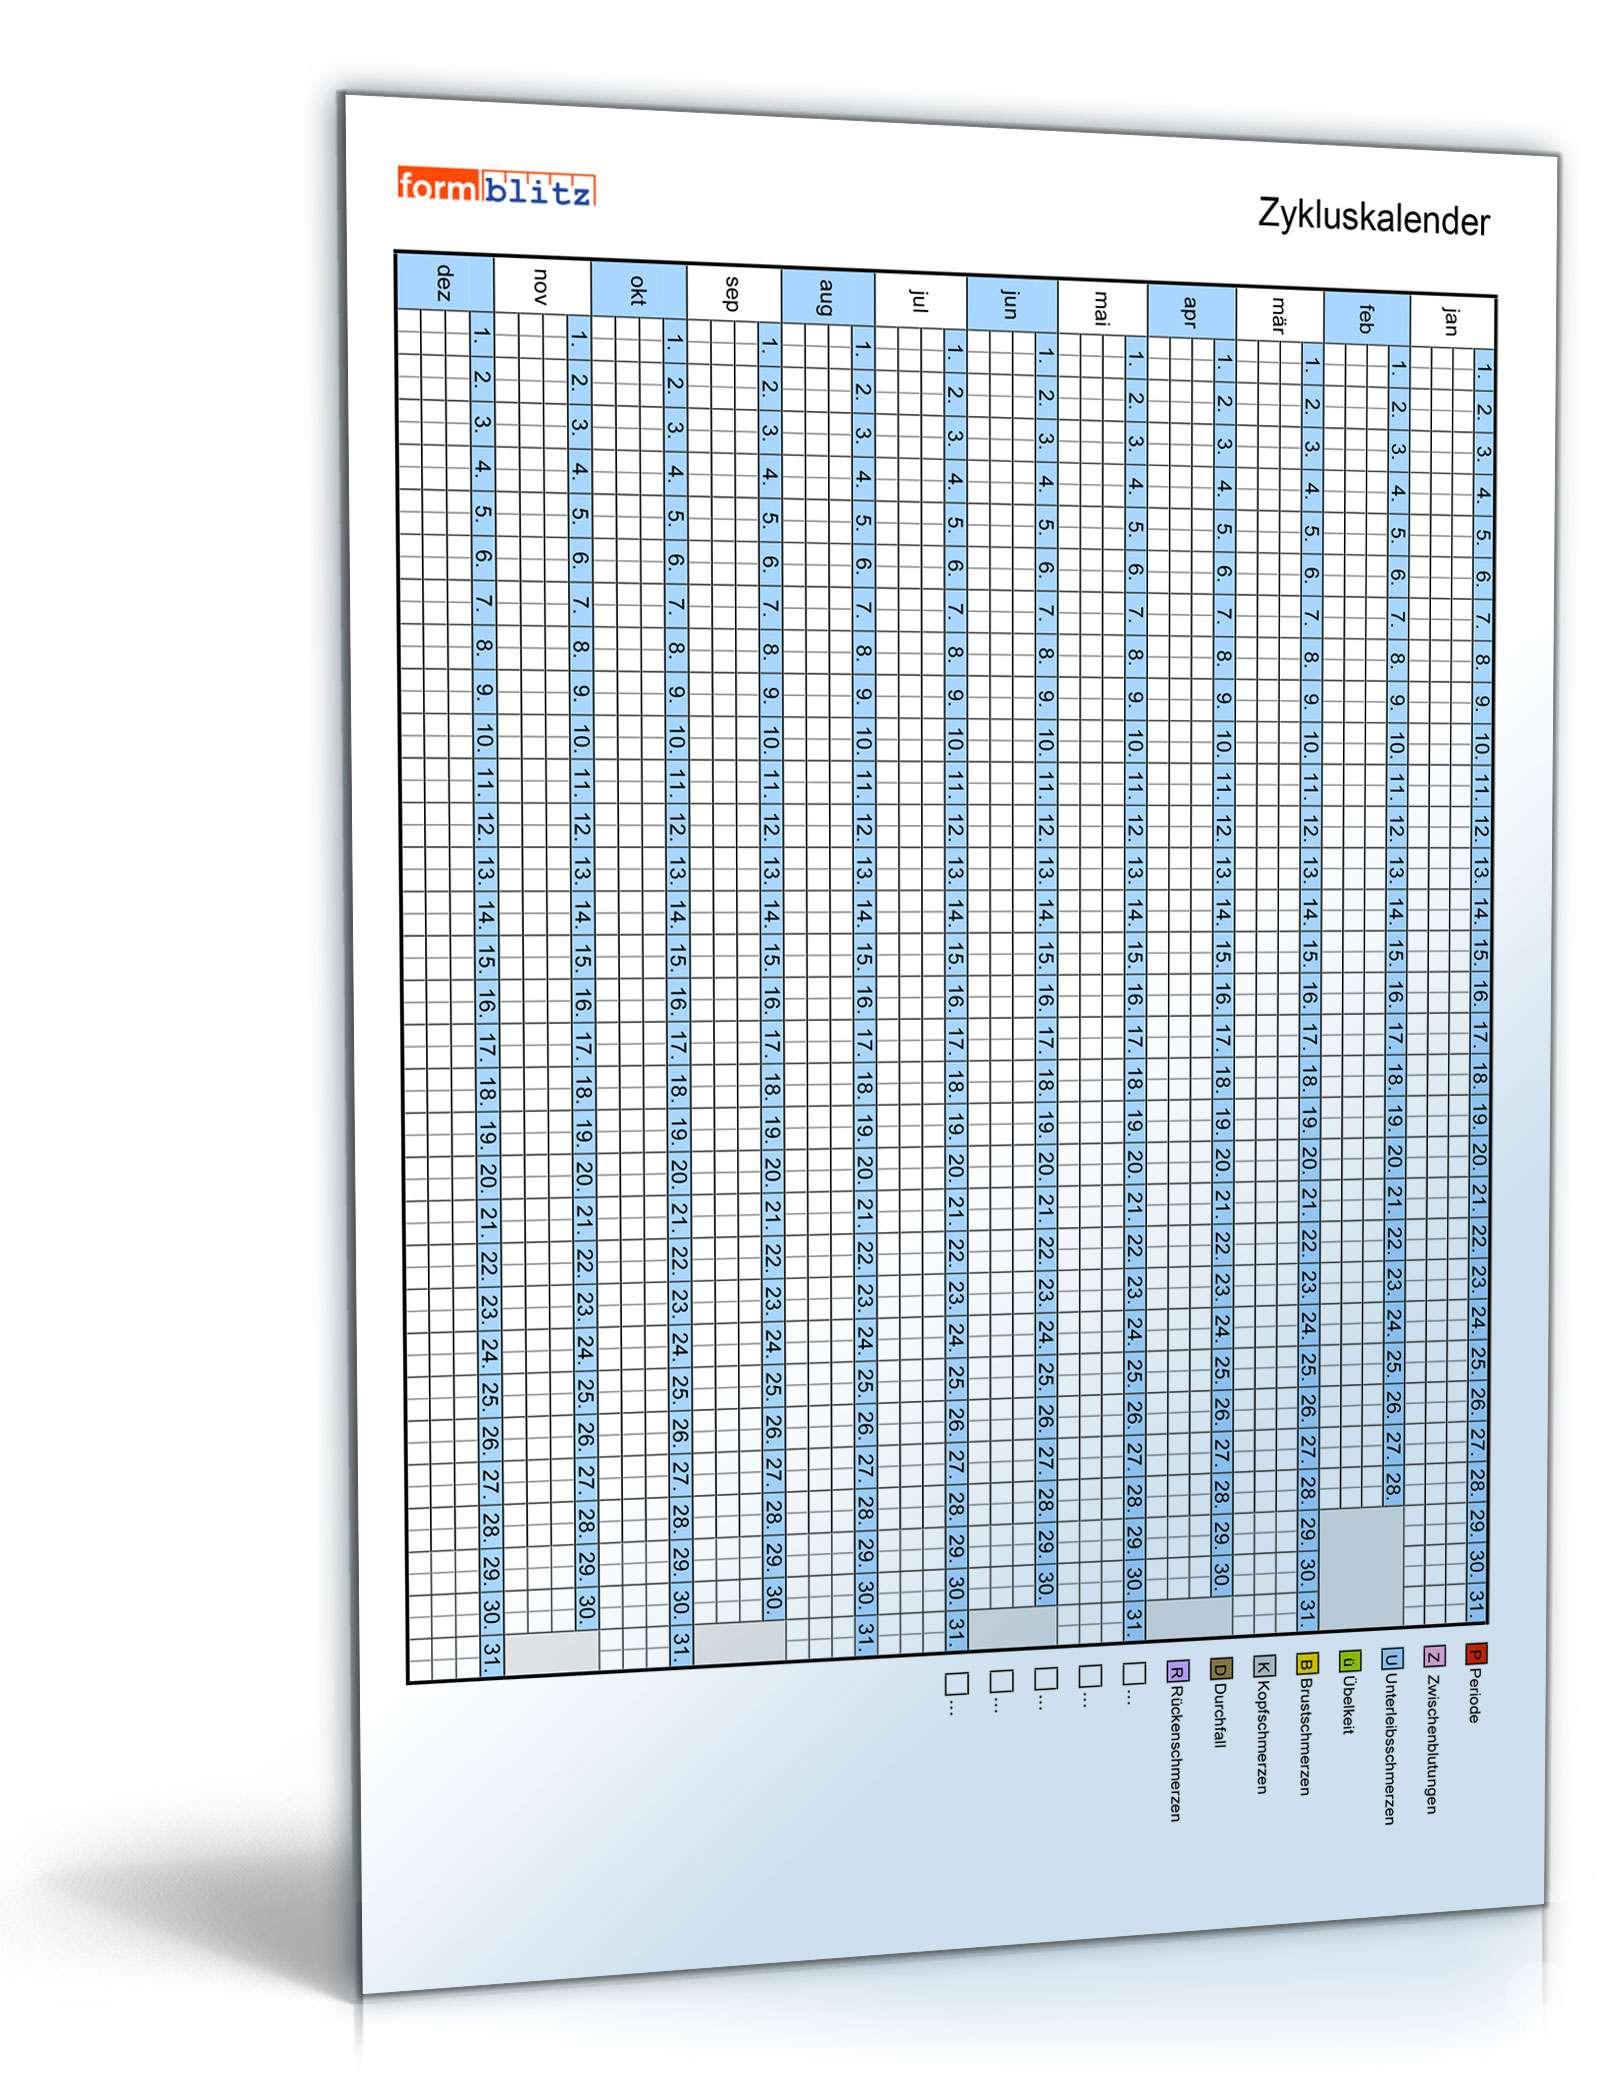 Zykluskalender Tabelle Zum Download